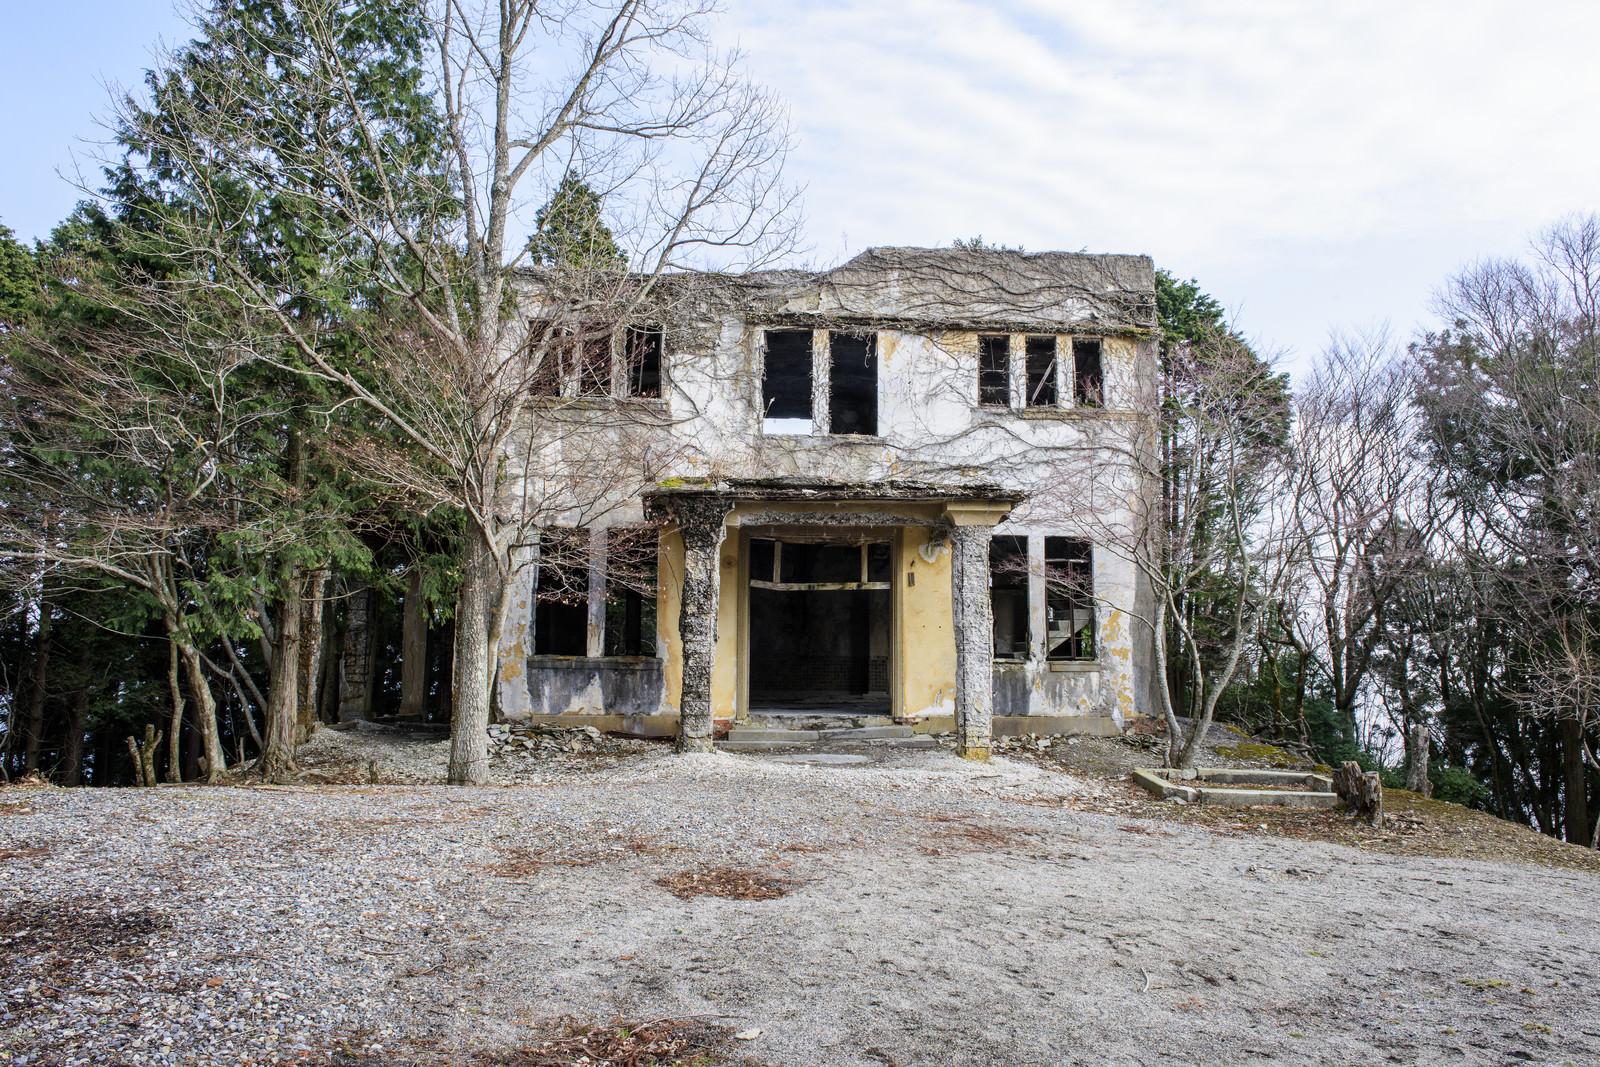 「ケーブルカー駅の廃墟(全景)」の写真